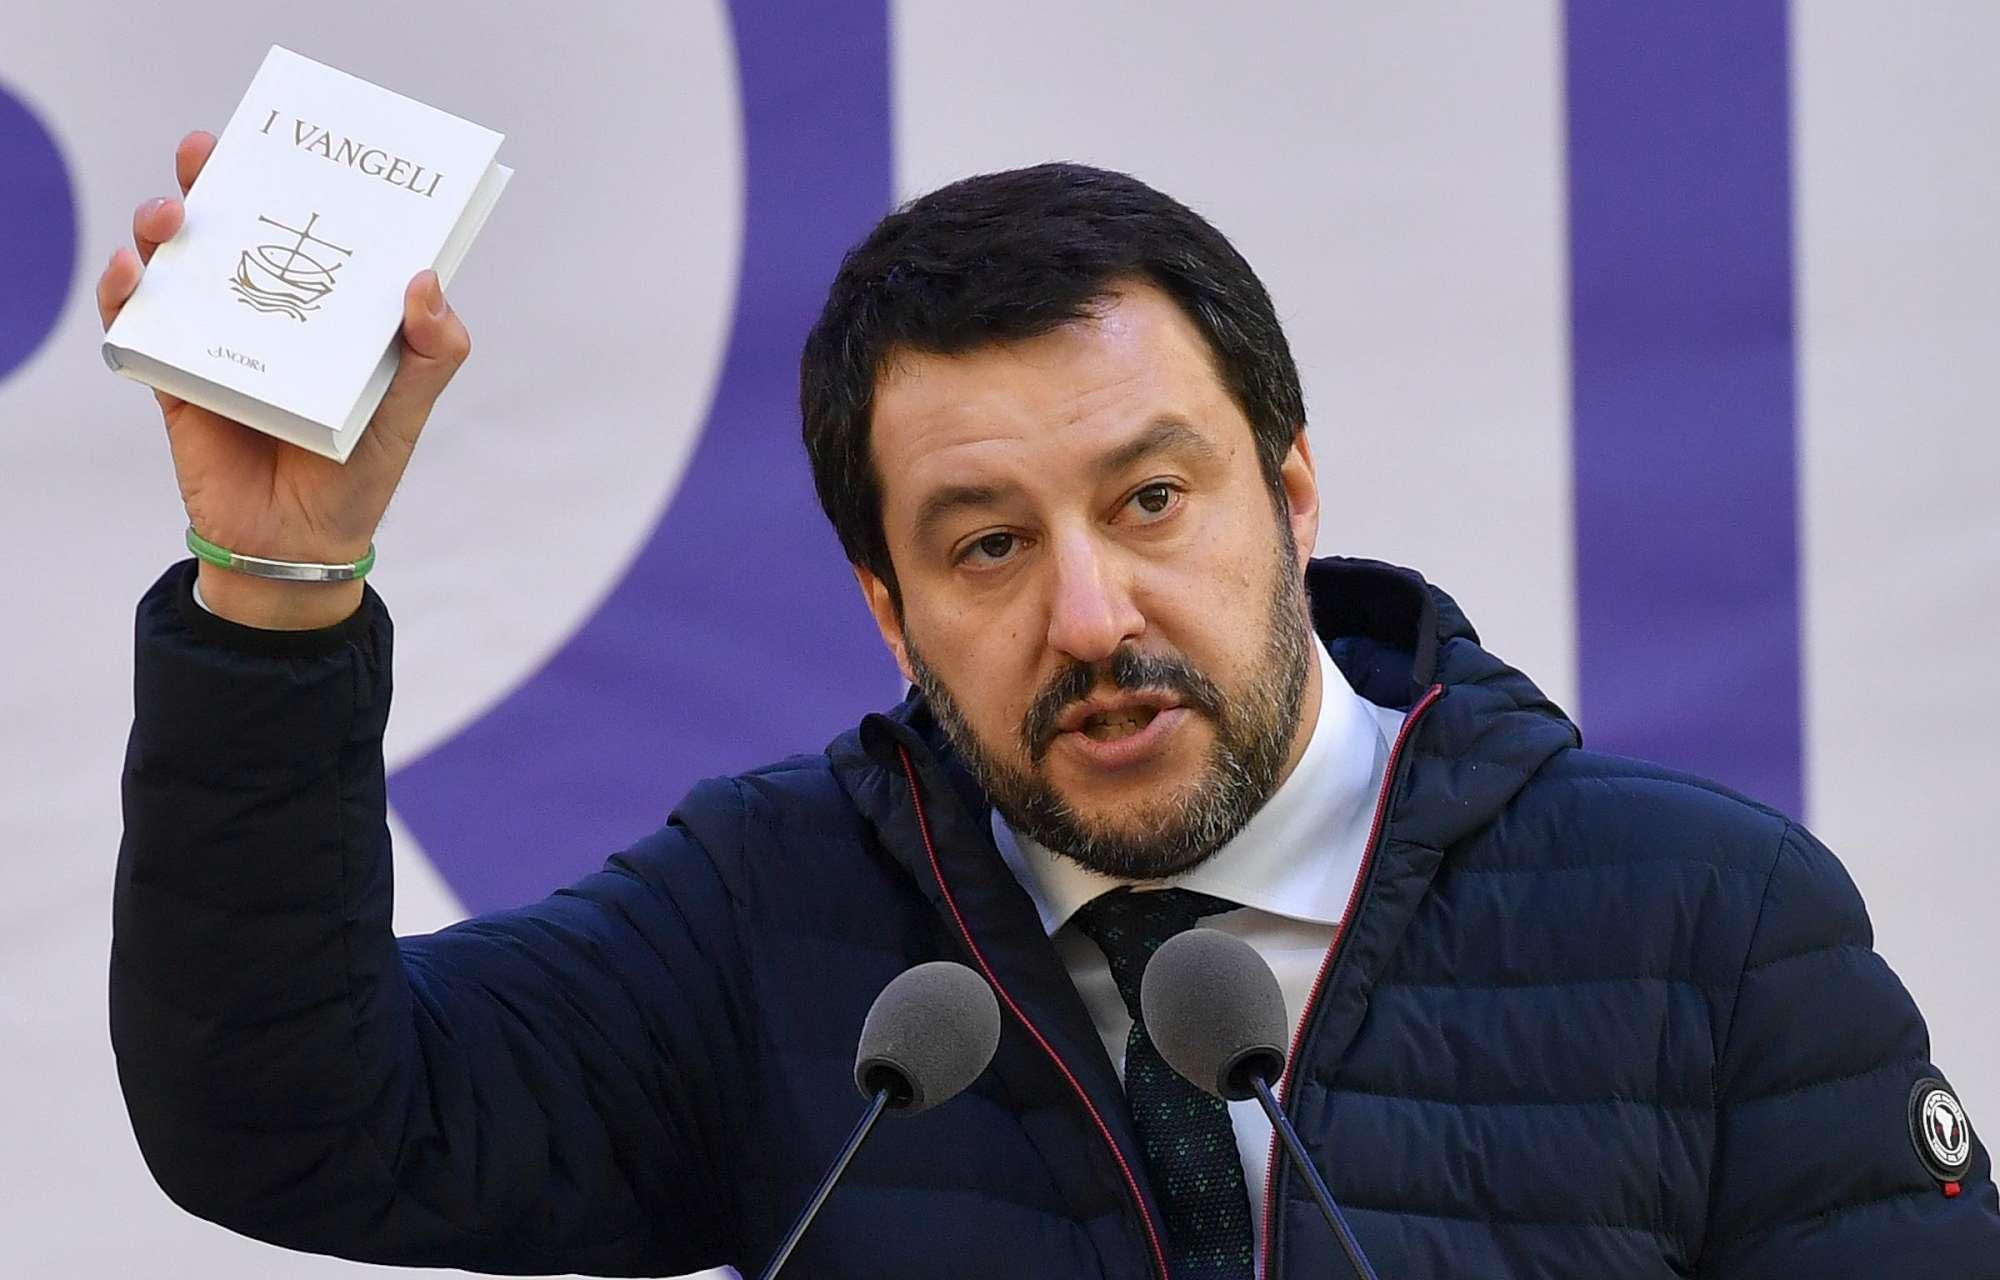 Elezioni, Salvini giura sul Vangelo e col rosario in mano: